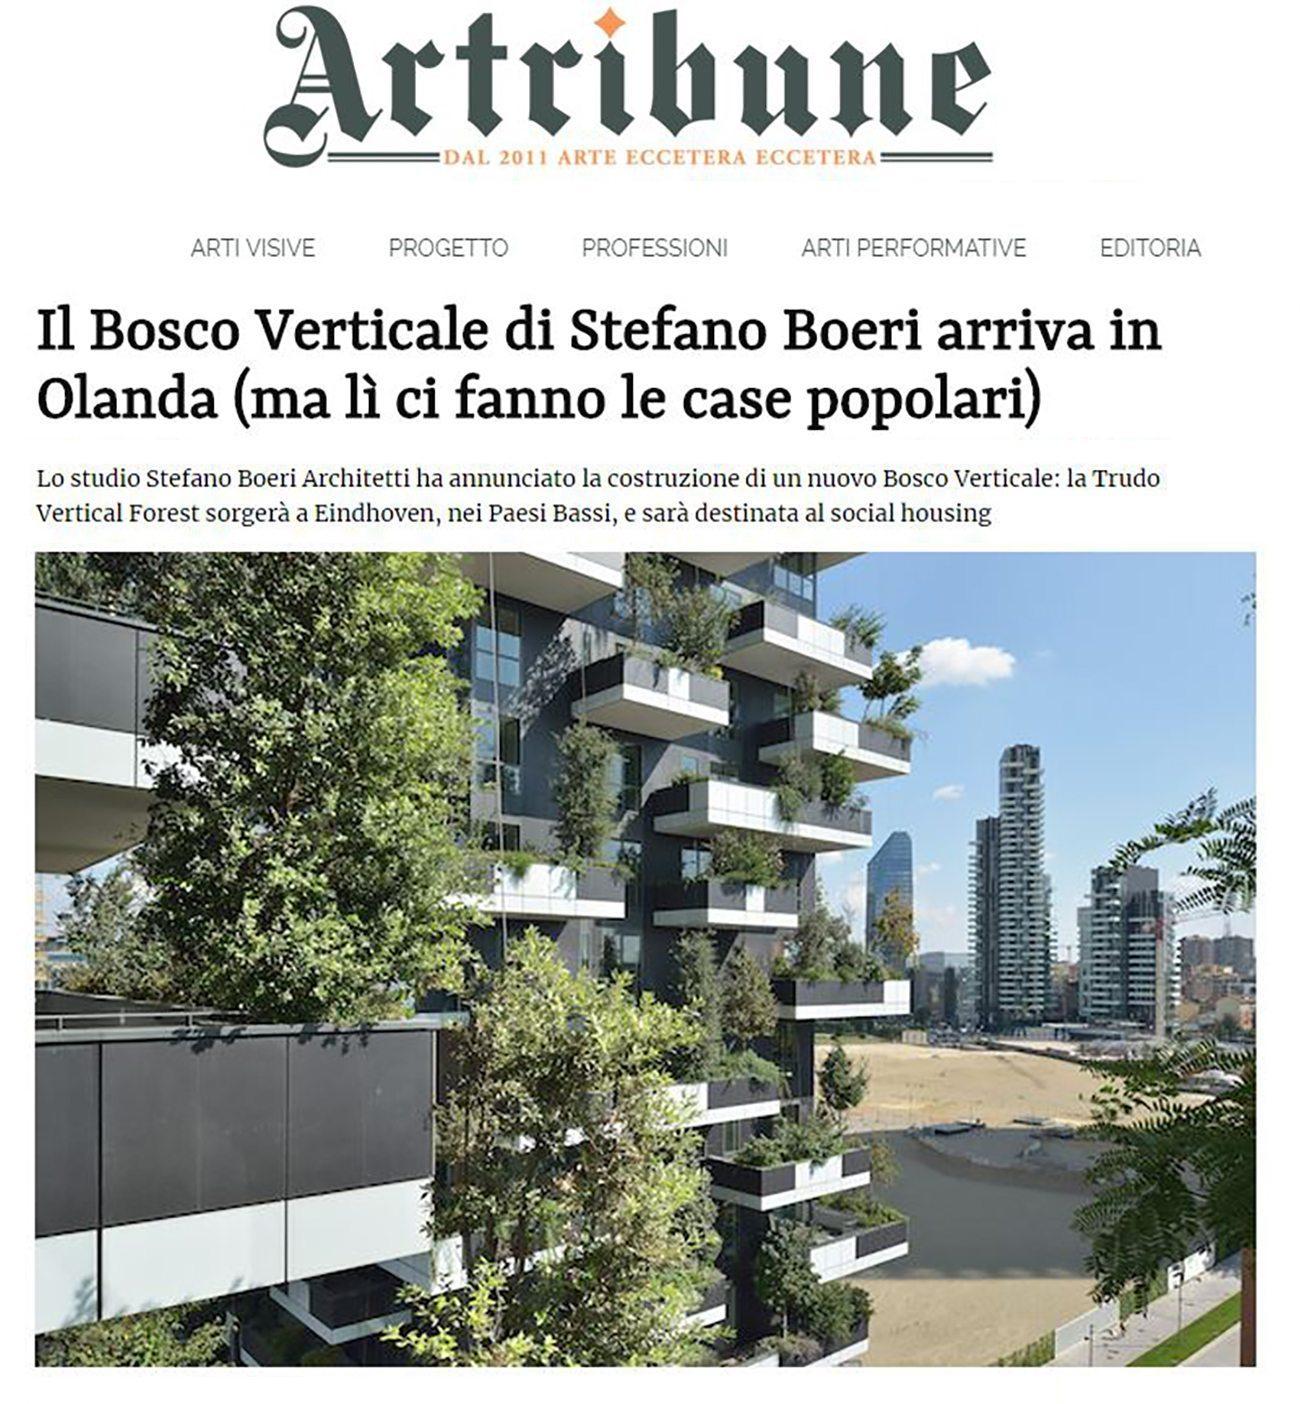 La Torre Dei Cedri A Losanna : Bosco verticale di milano stefano boeri il più bello